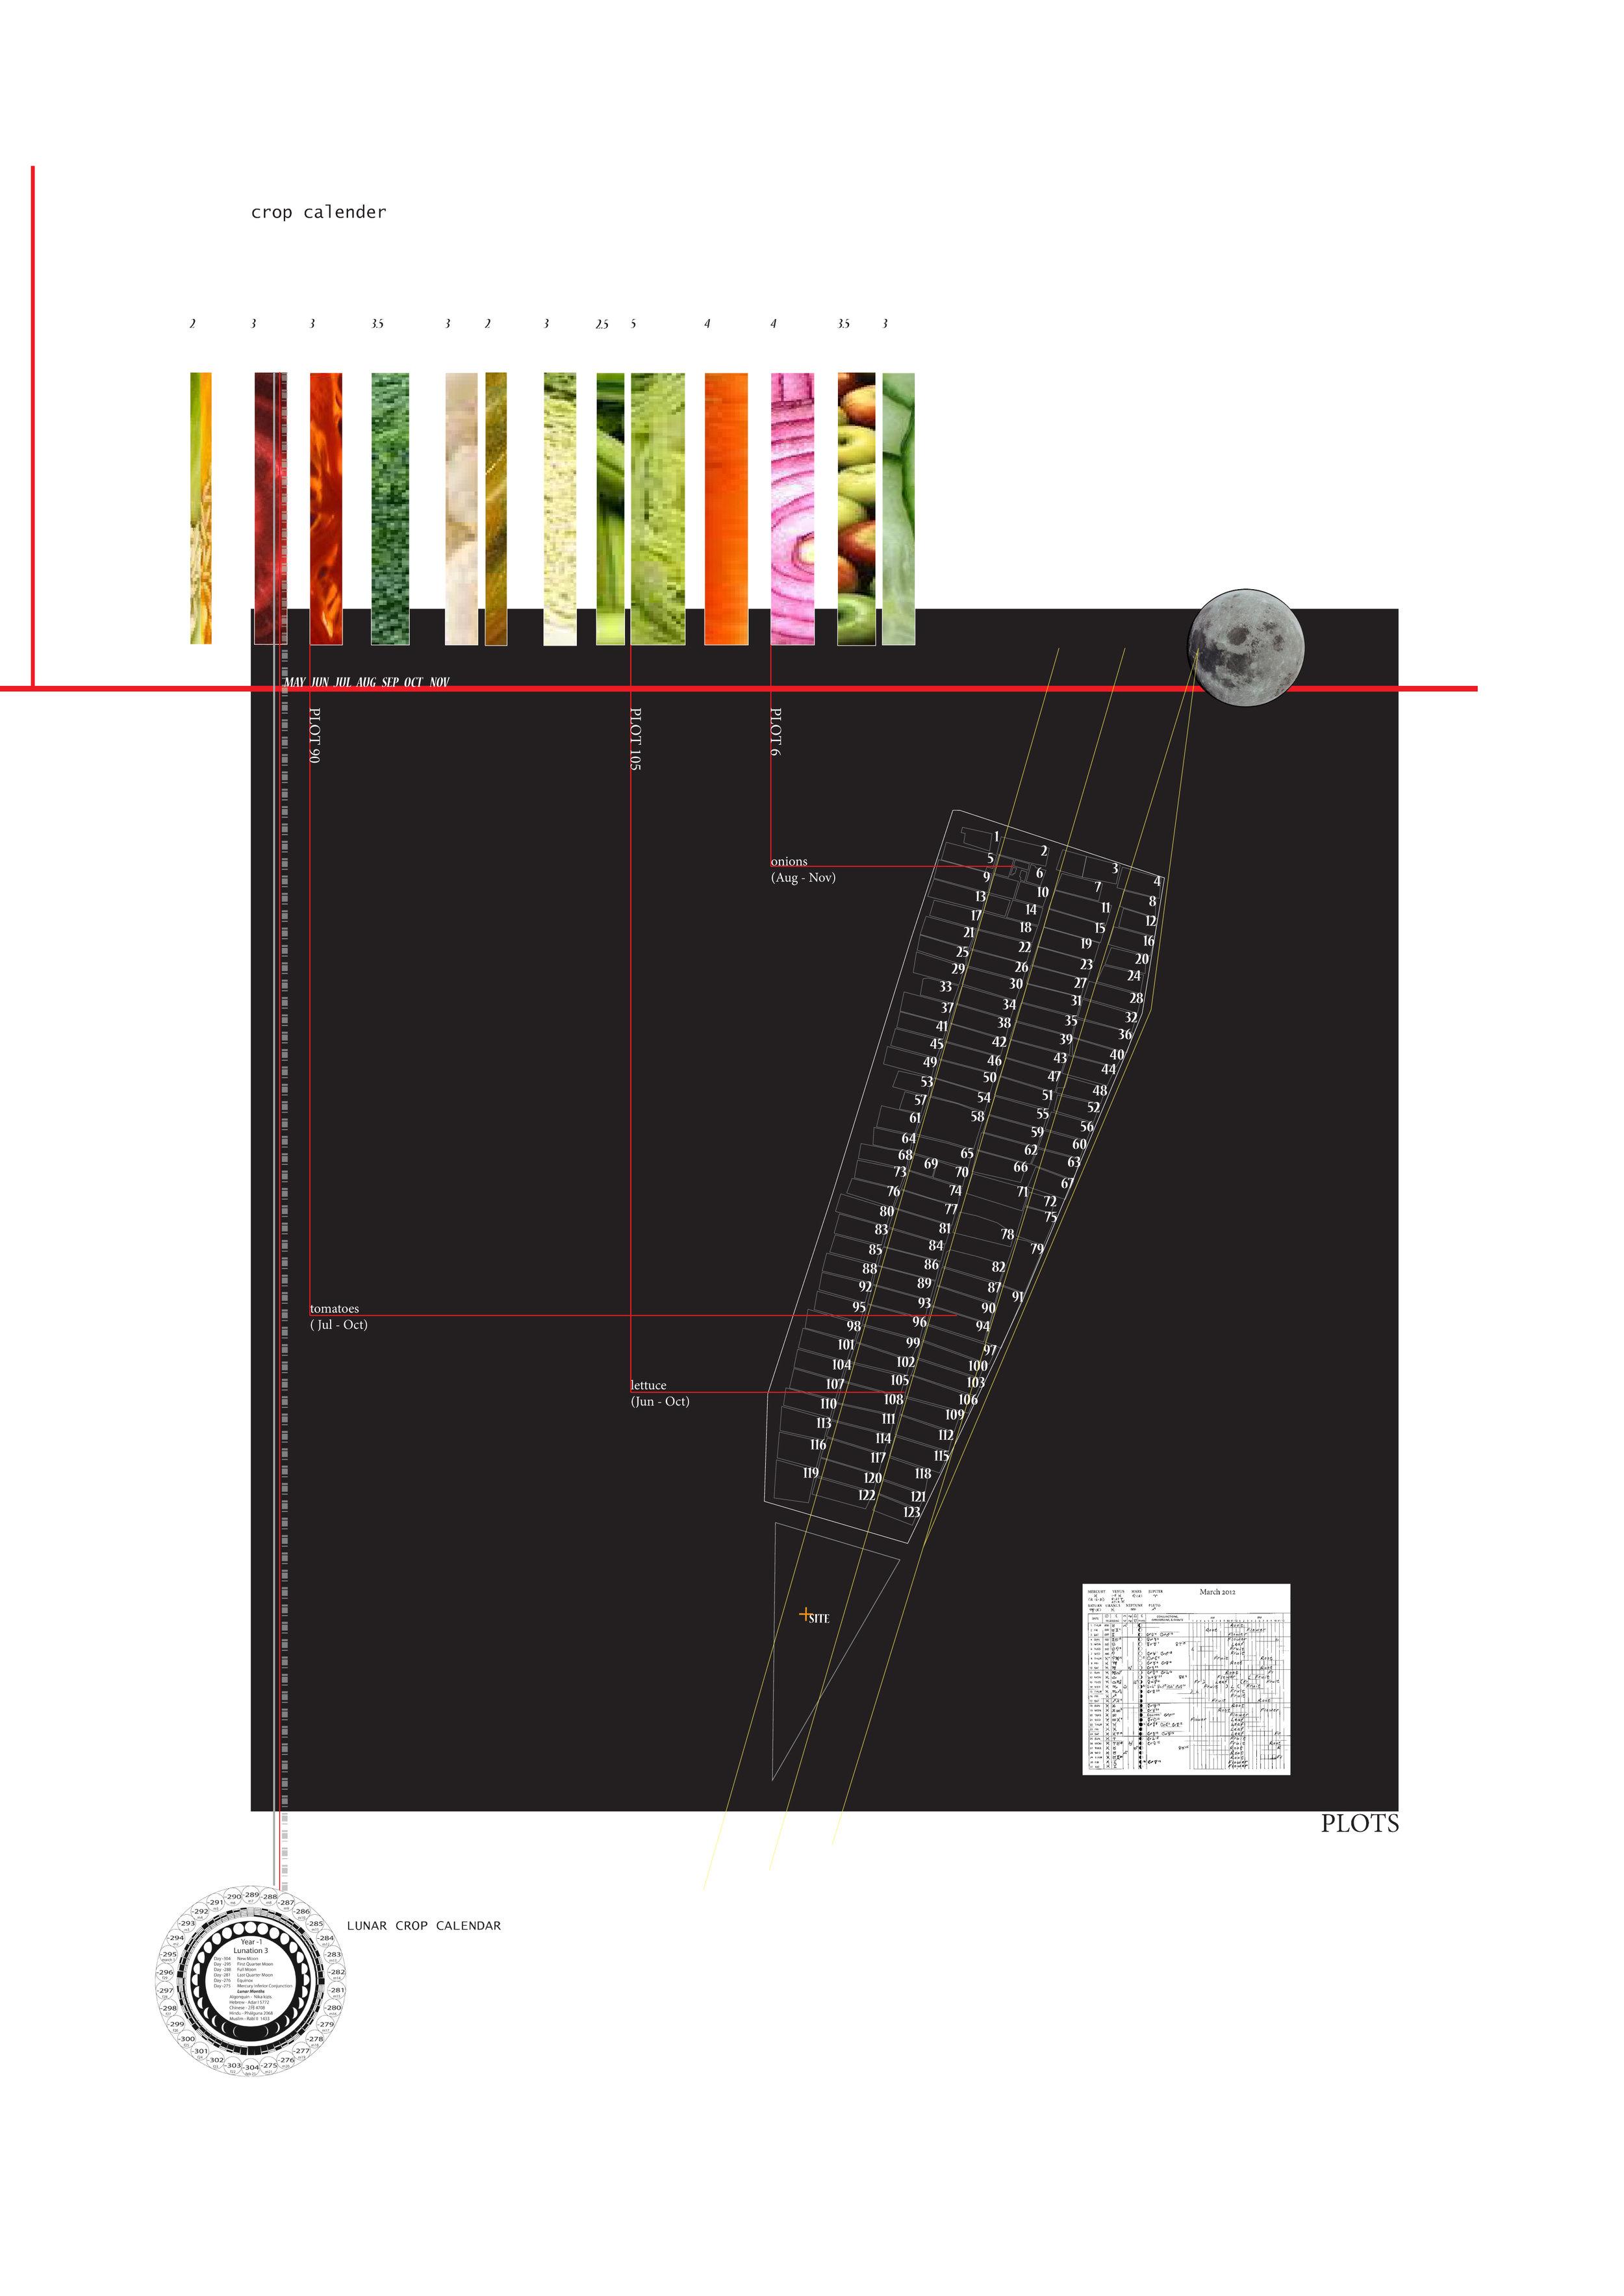 Diagram02_CropCalender.jpg